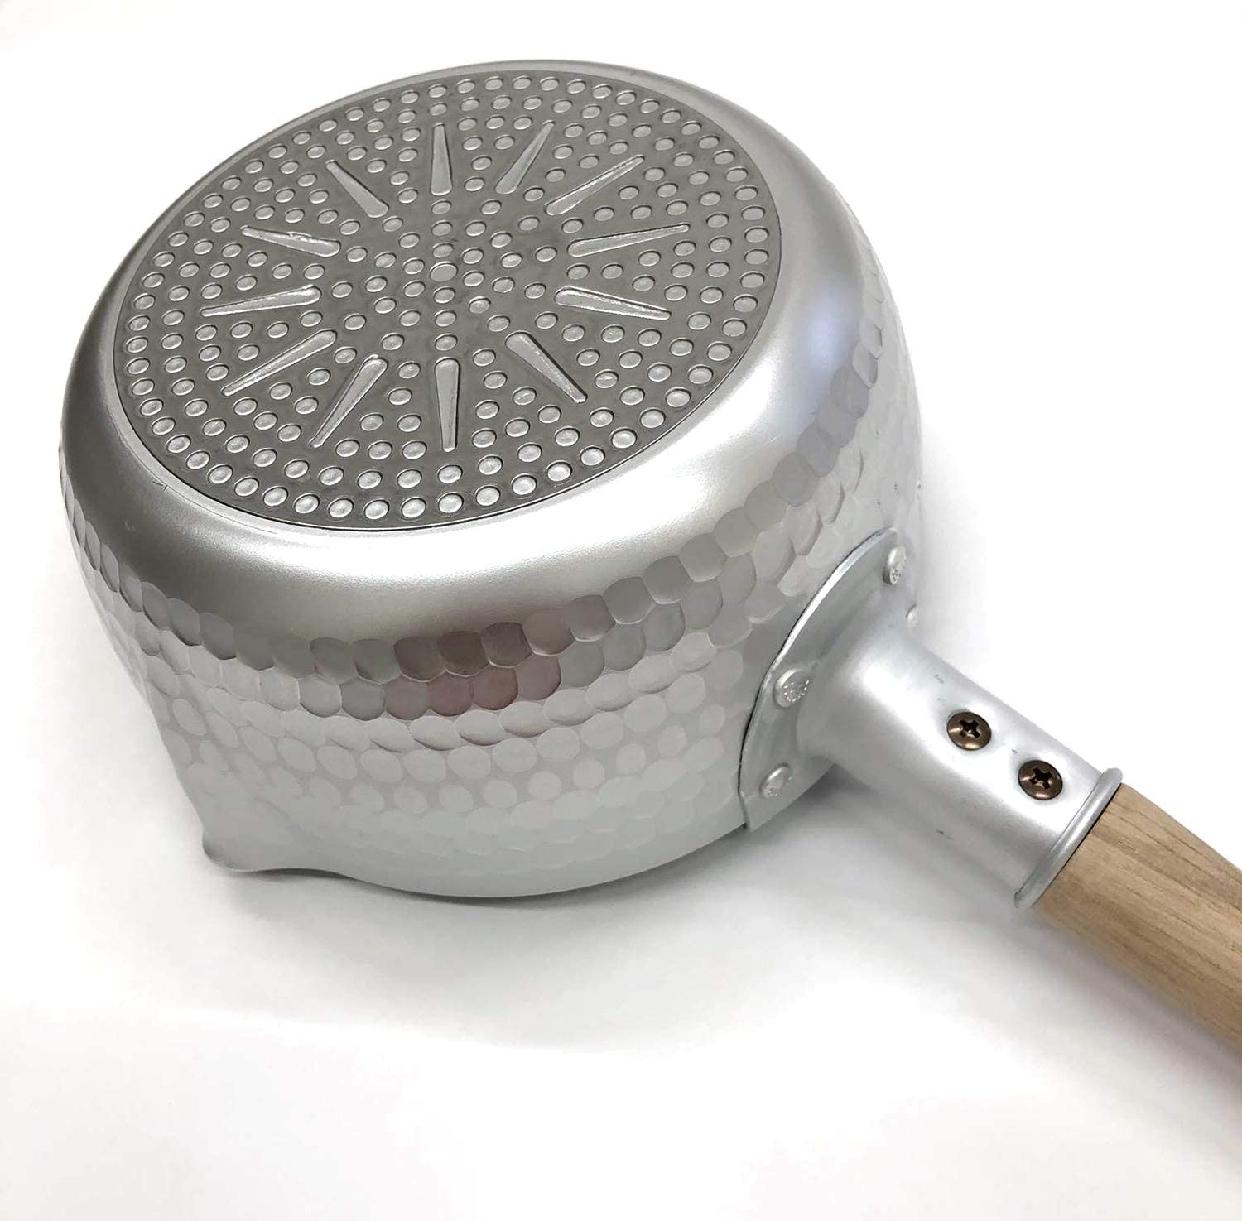 京都活具 ゆきひら鍋 20cm IH対応 シルバーの商品画像2